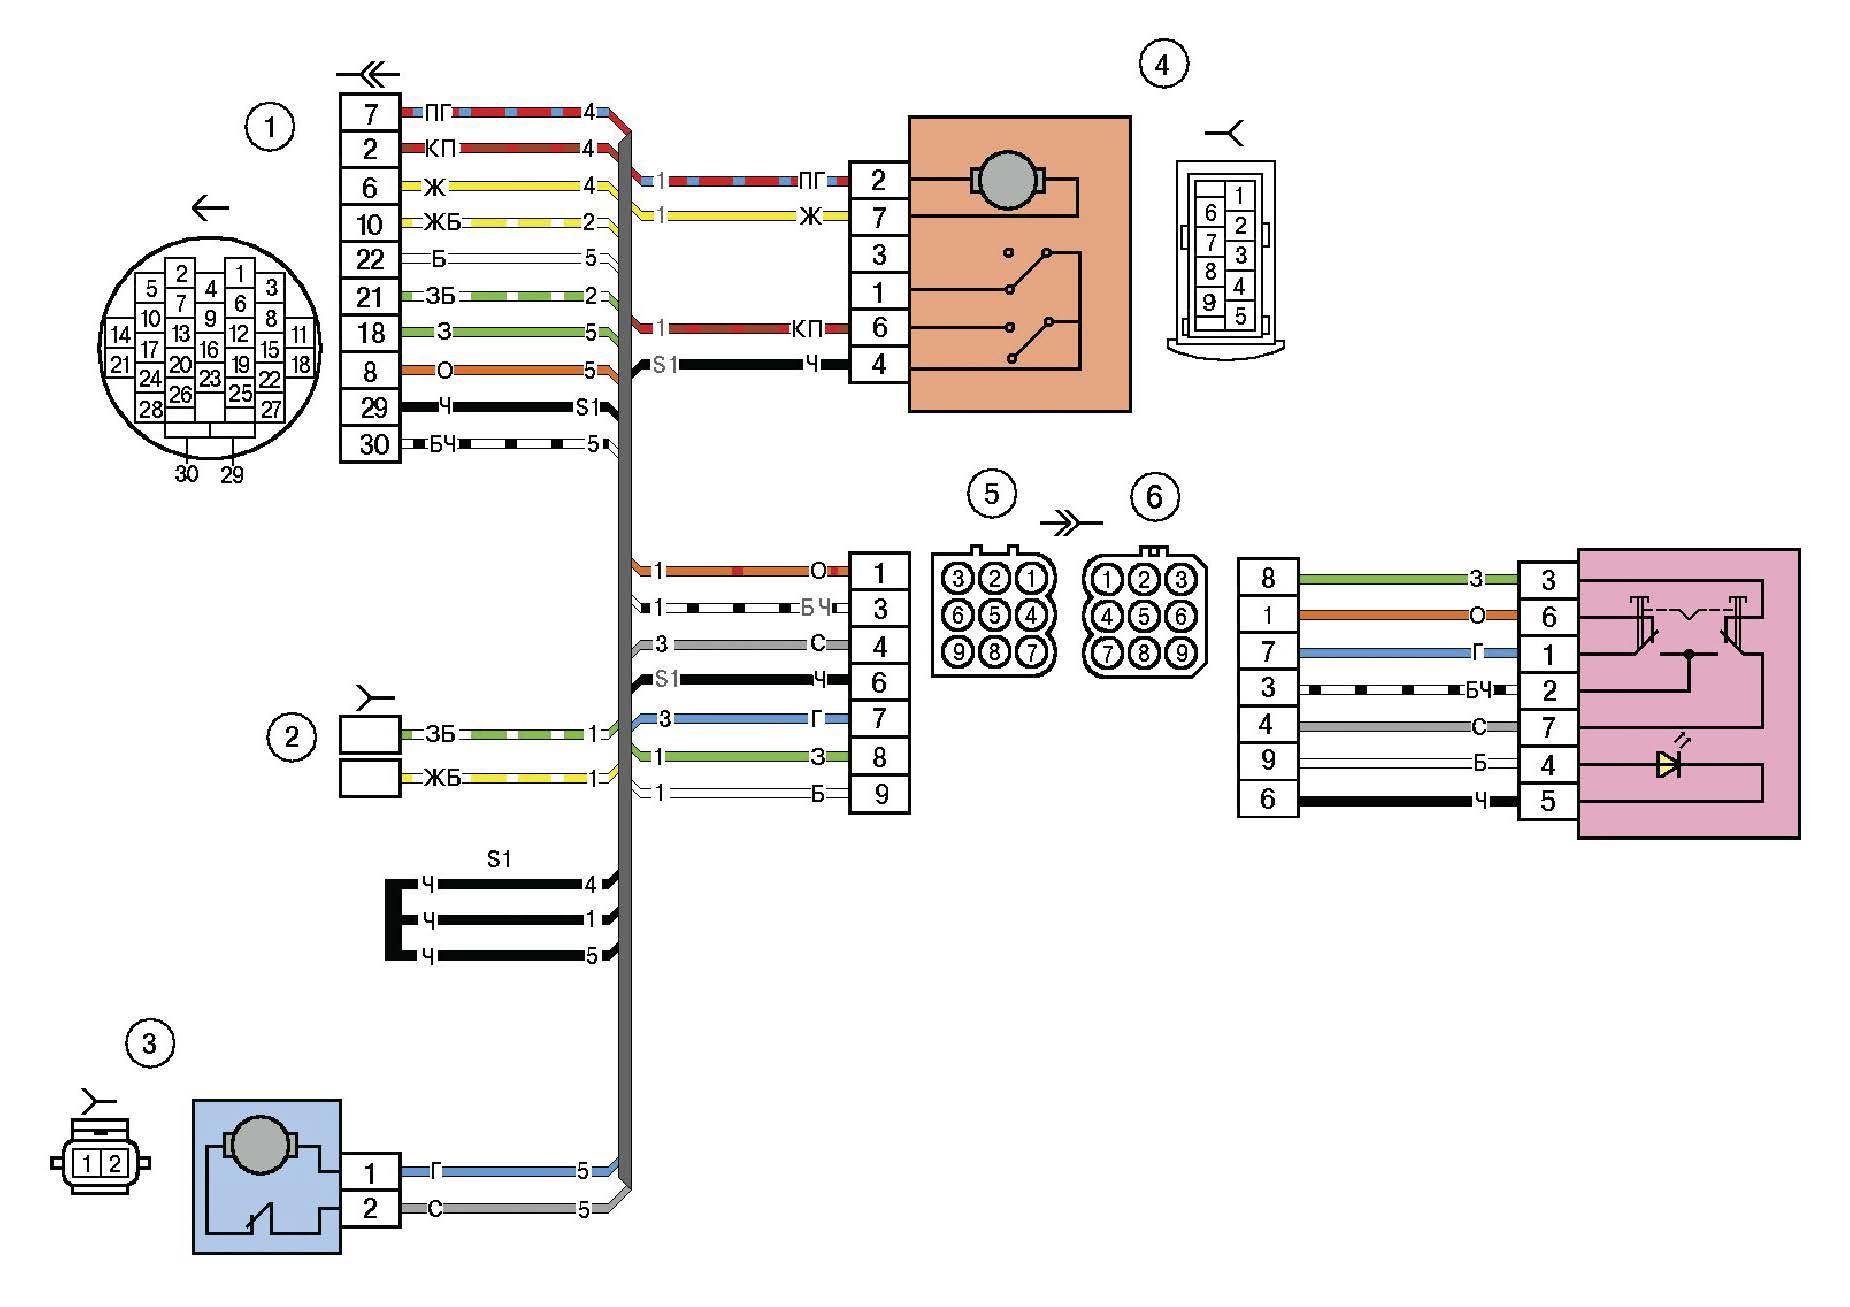 Схема электрических соединений жгута дополнительного заднего правого (правой передней двери) автомобиля Лада Калина (LADA 1117 LADA 1118 LADA 1119)